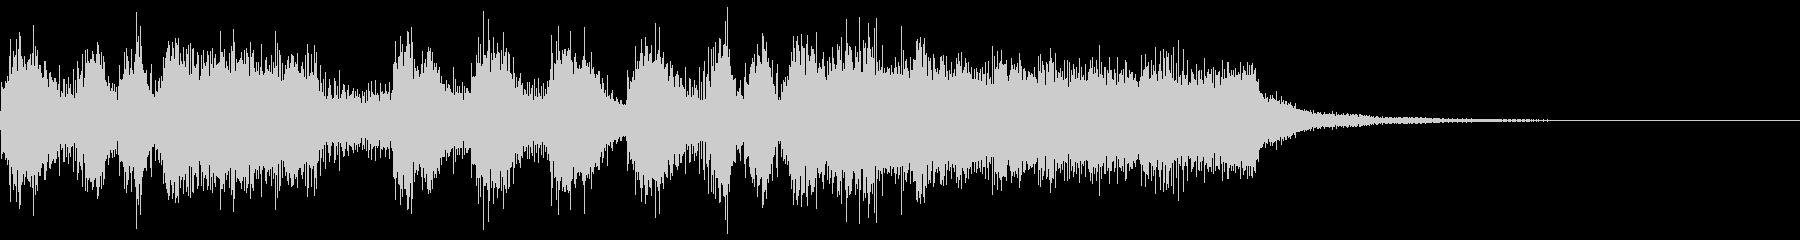 シンプルなファンファーレ4 パンパカパンの未再生の波形